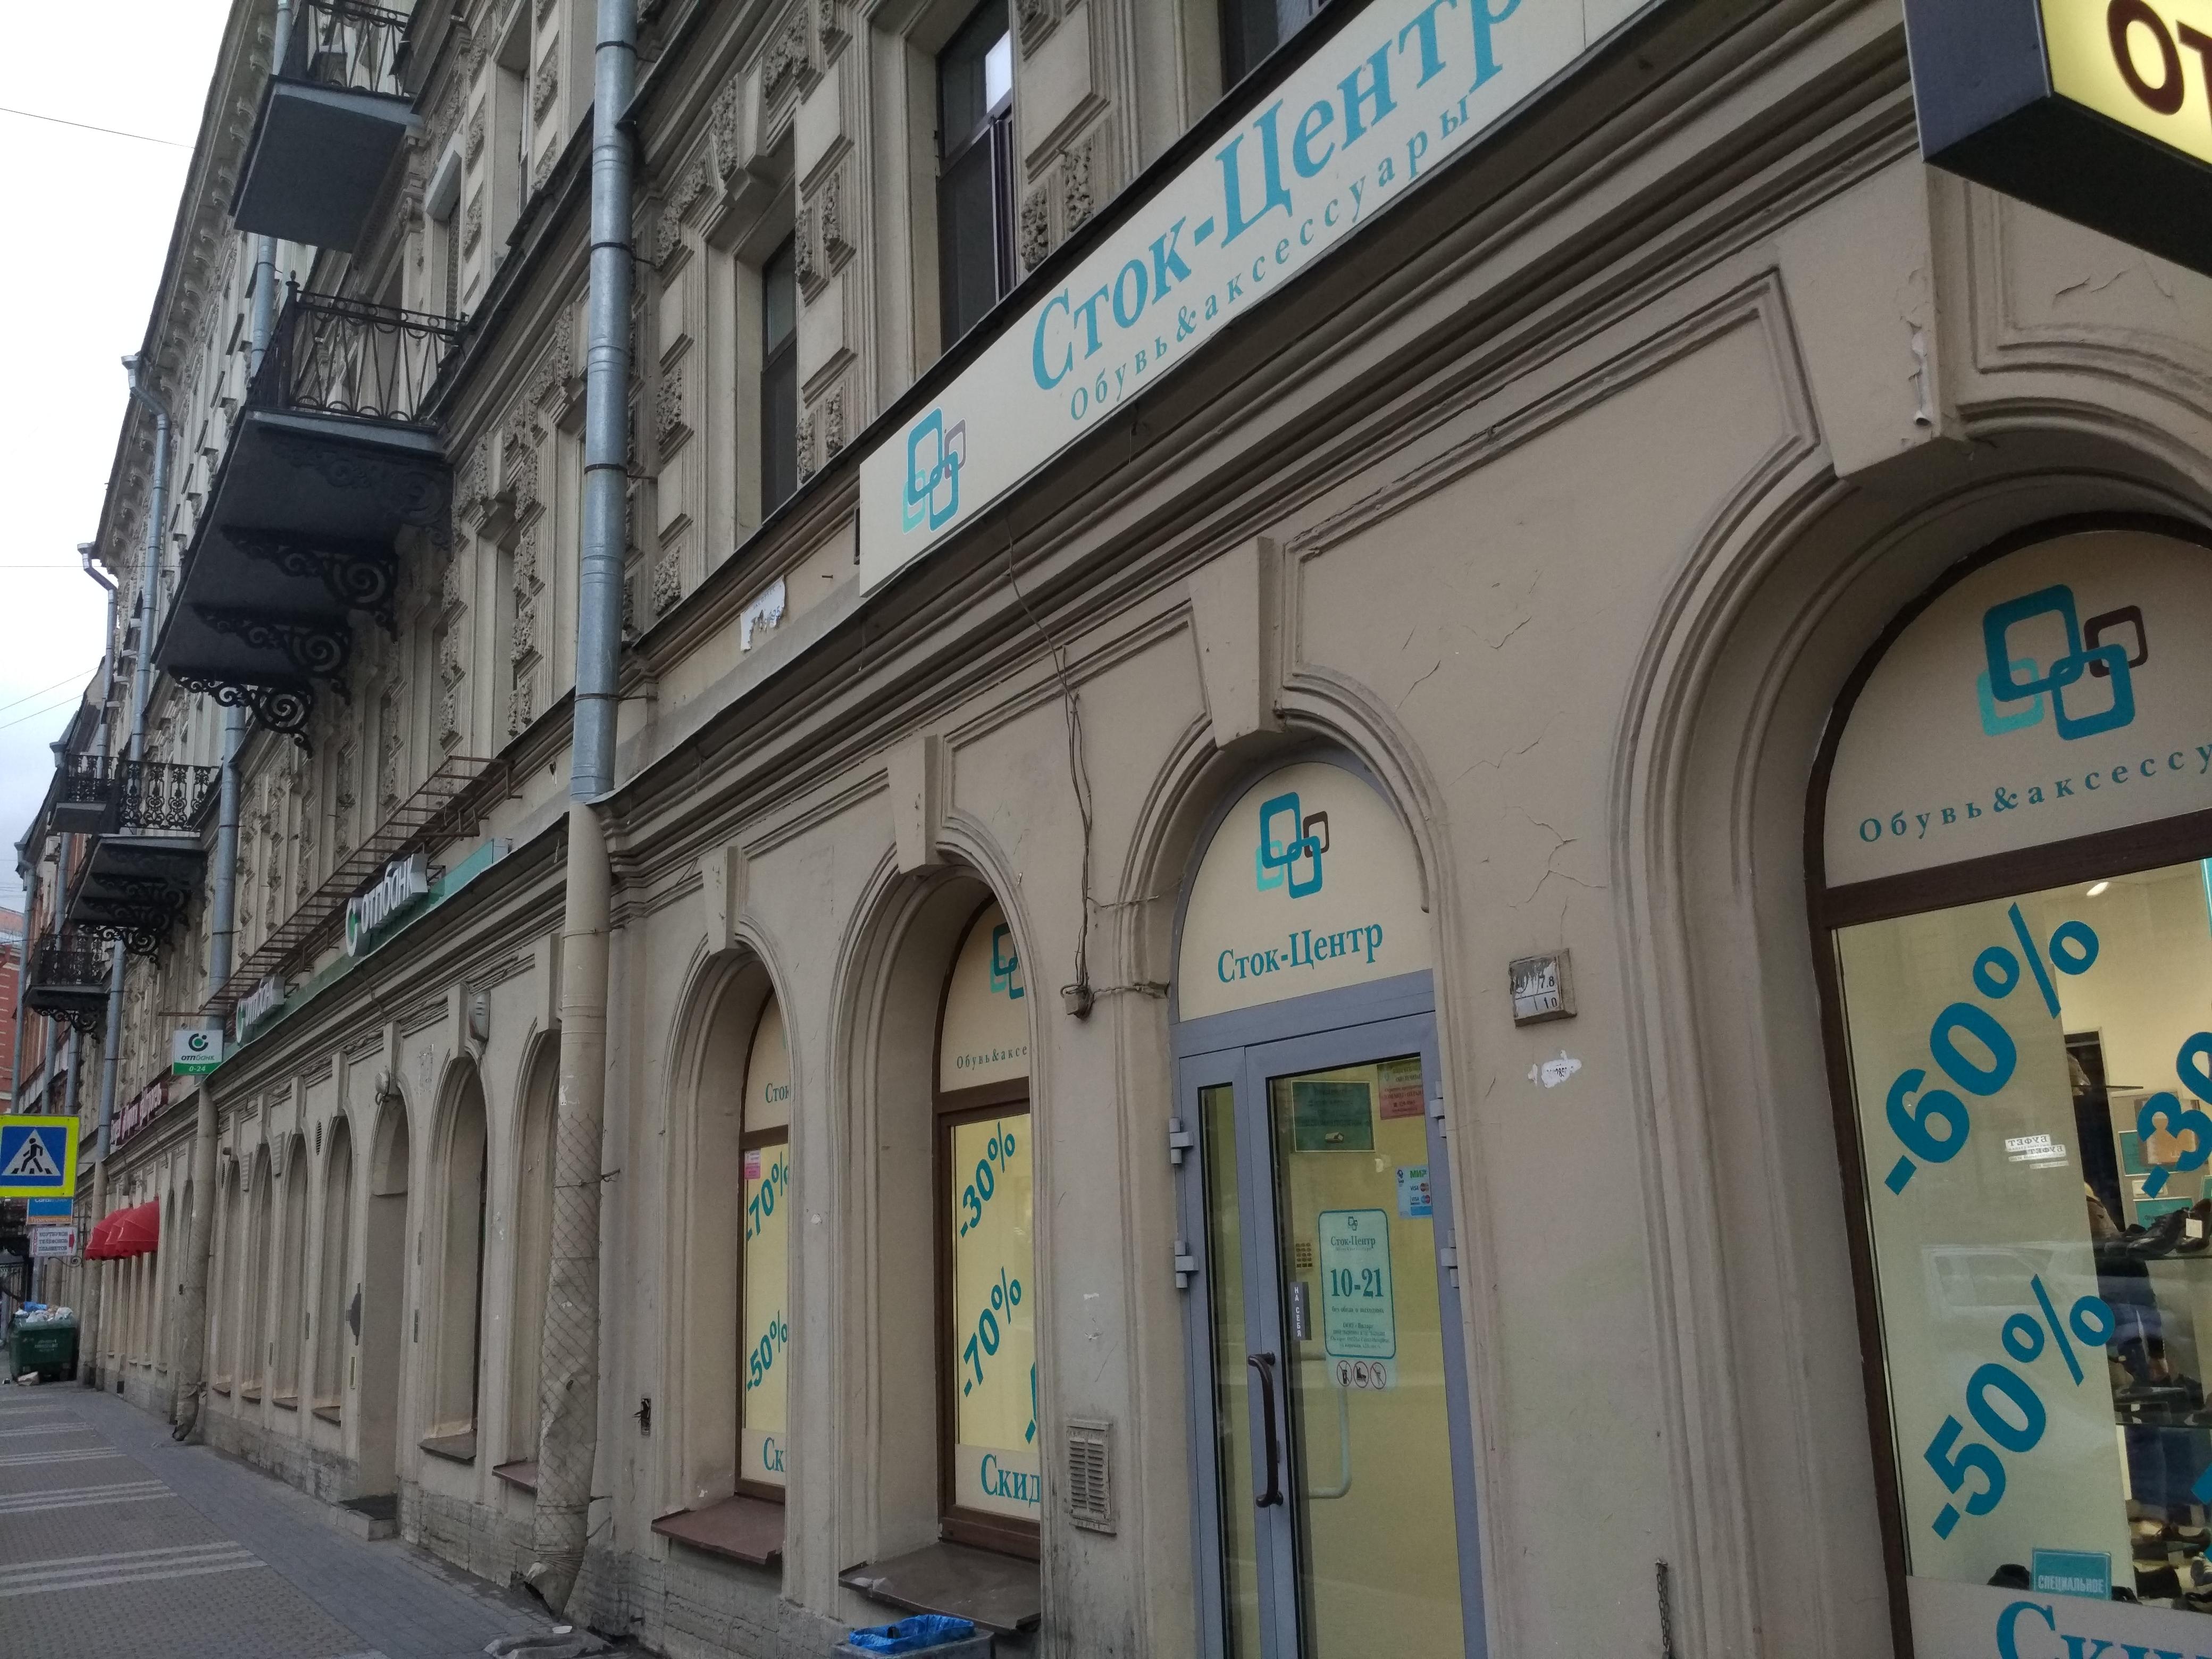 bc09c20d Сток-Центр - магазин обуви, метро Владимирская, Санкт-Петербург — отзывы и  фото — Яндекс.Карты …